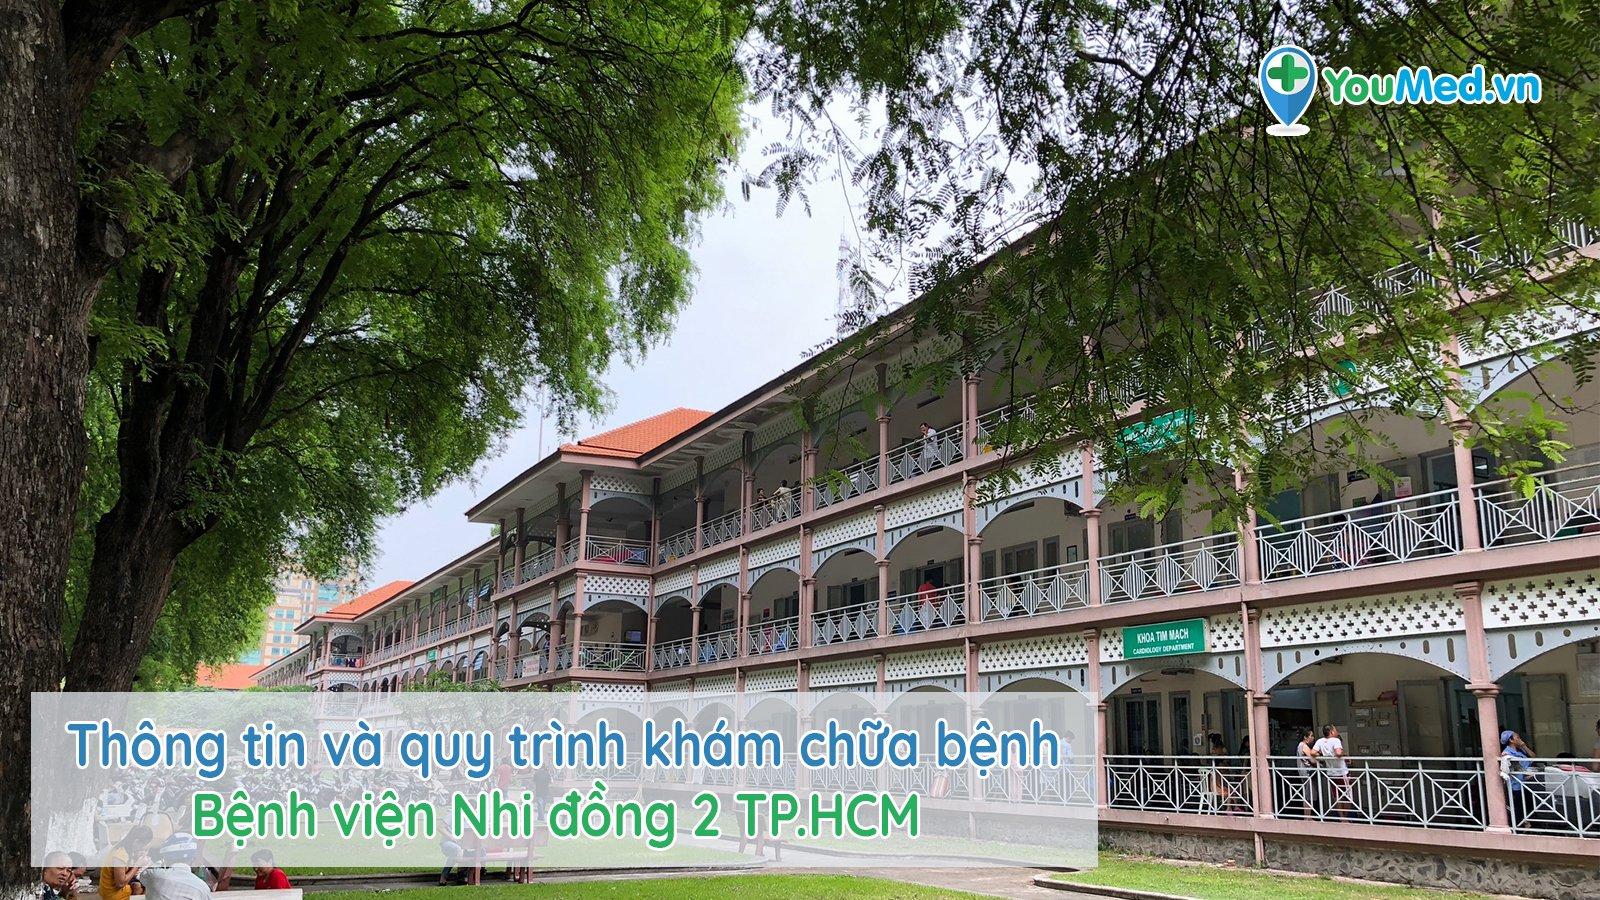 Bệnh viện Nhi đồng 2 TP.HCM và quy trình khám chữa bệnh